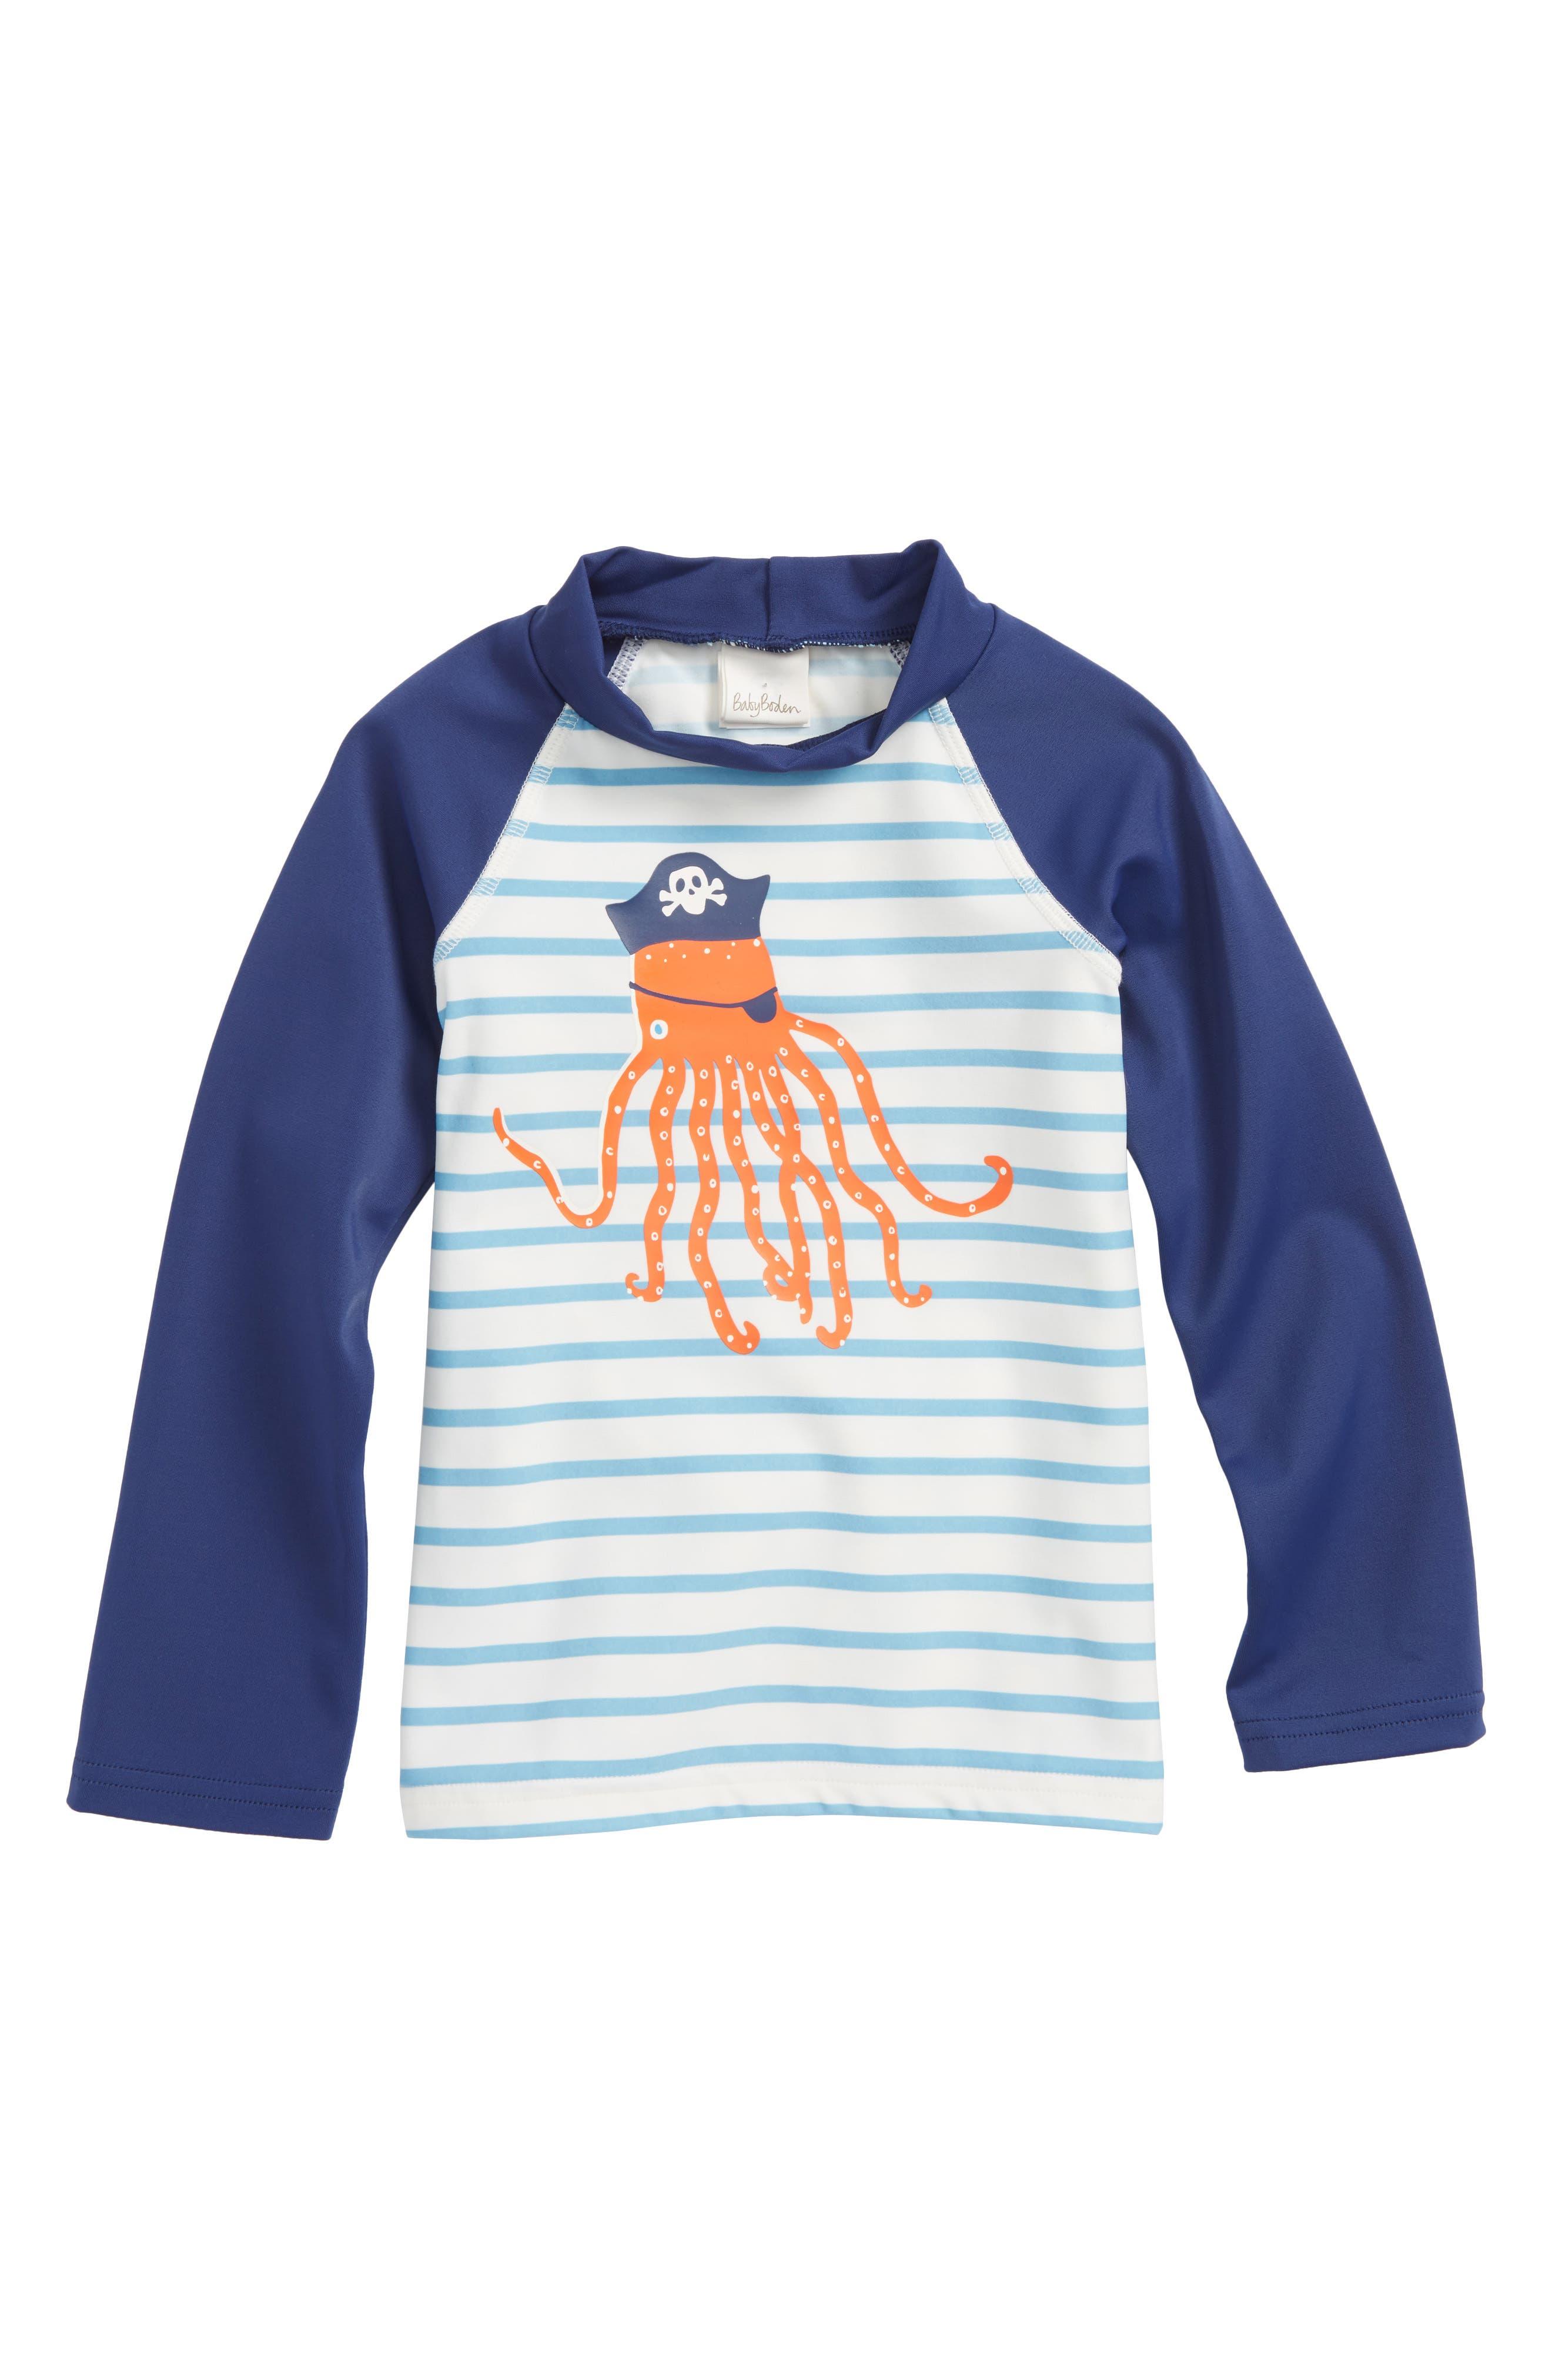 Sea Creature Rashguard,                         Main,                         color, 904